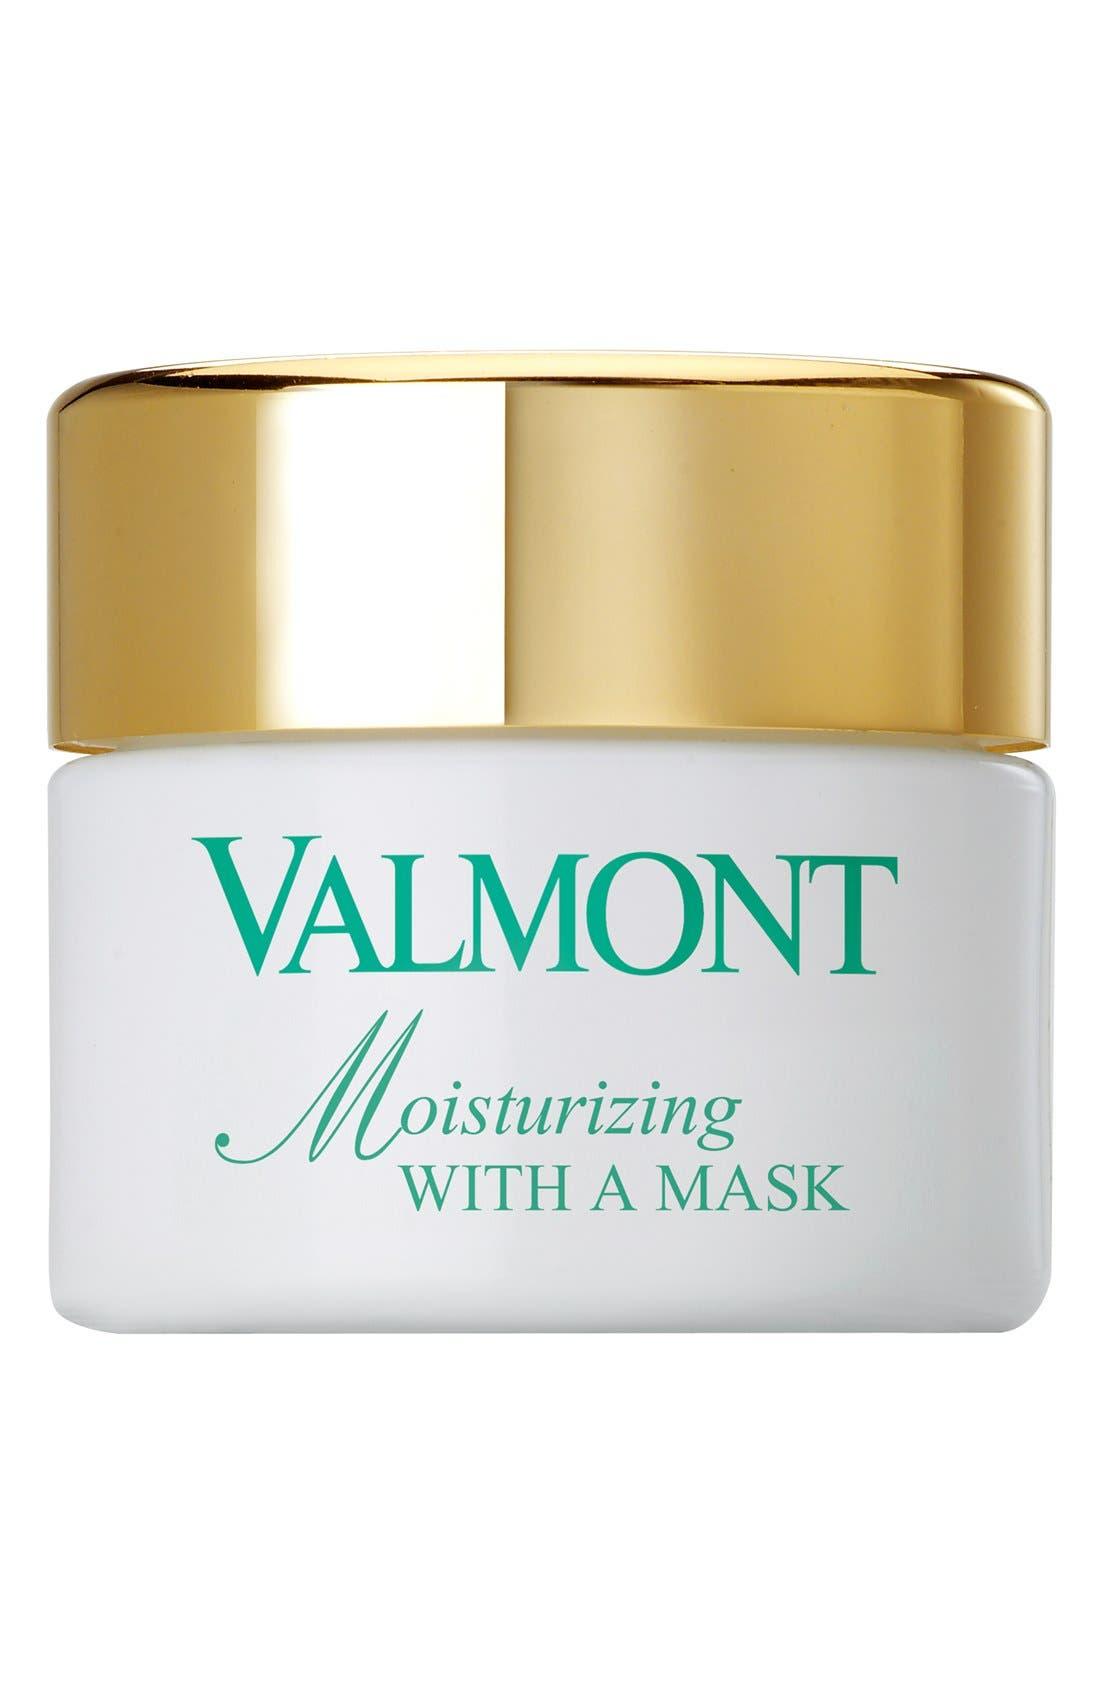 Valmont Moisturizing Mask